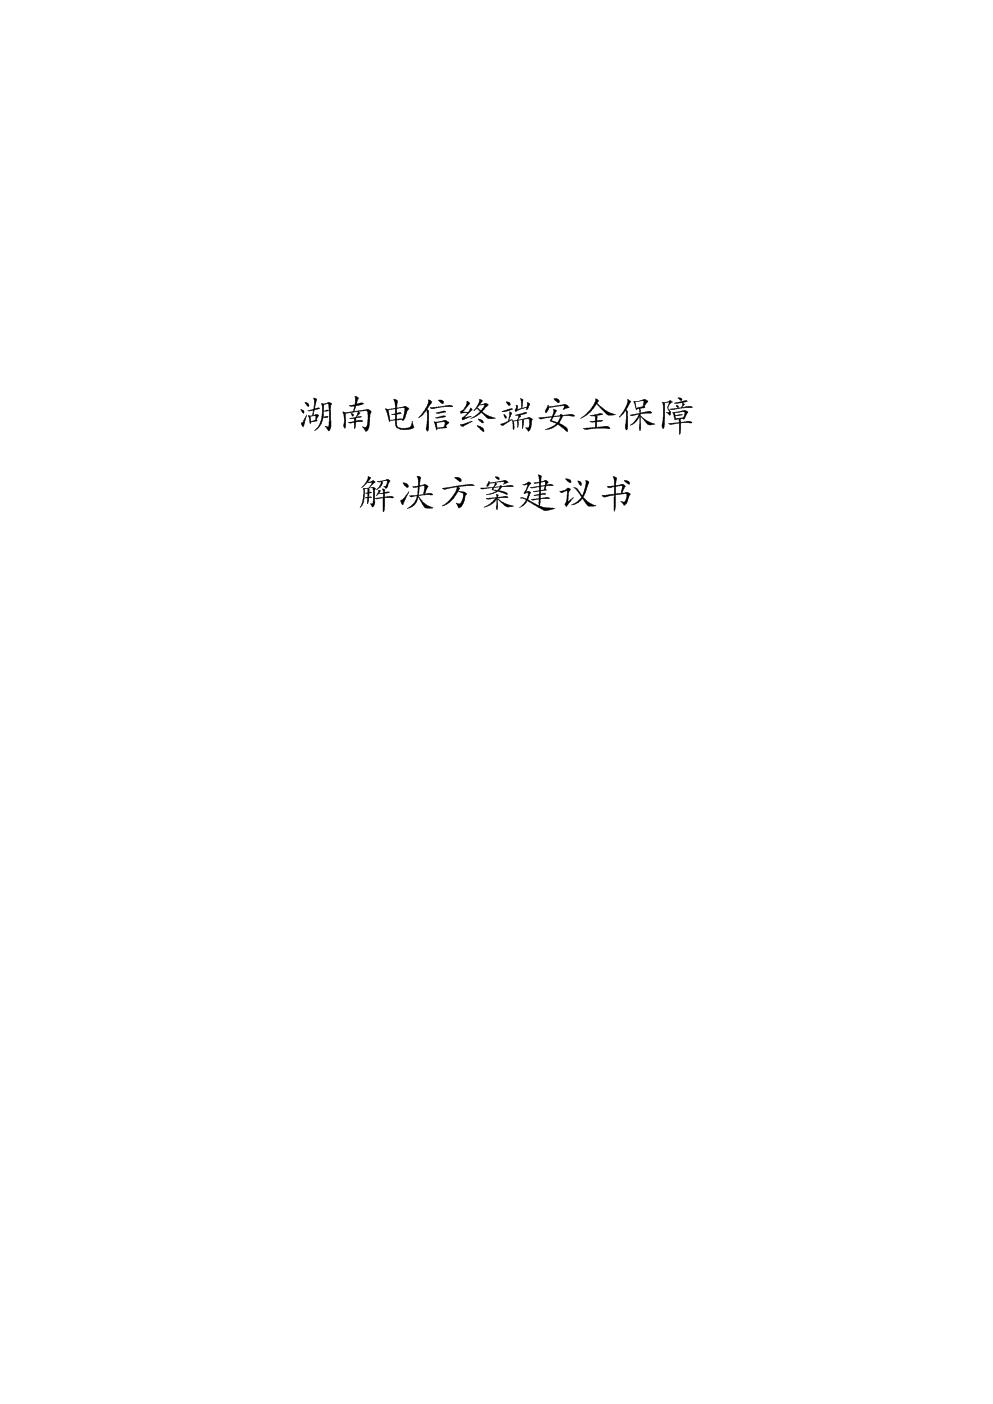 湖南电信计算机终端安全管理平台解决方案.doc